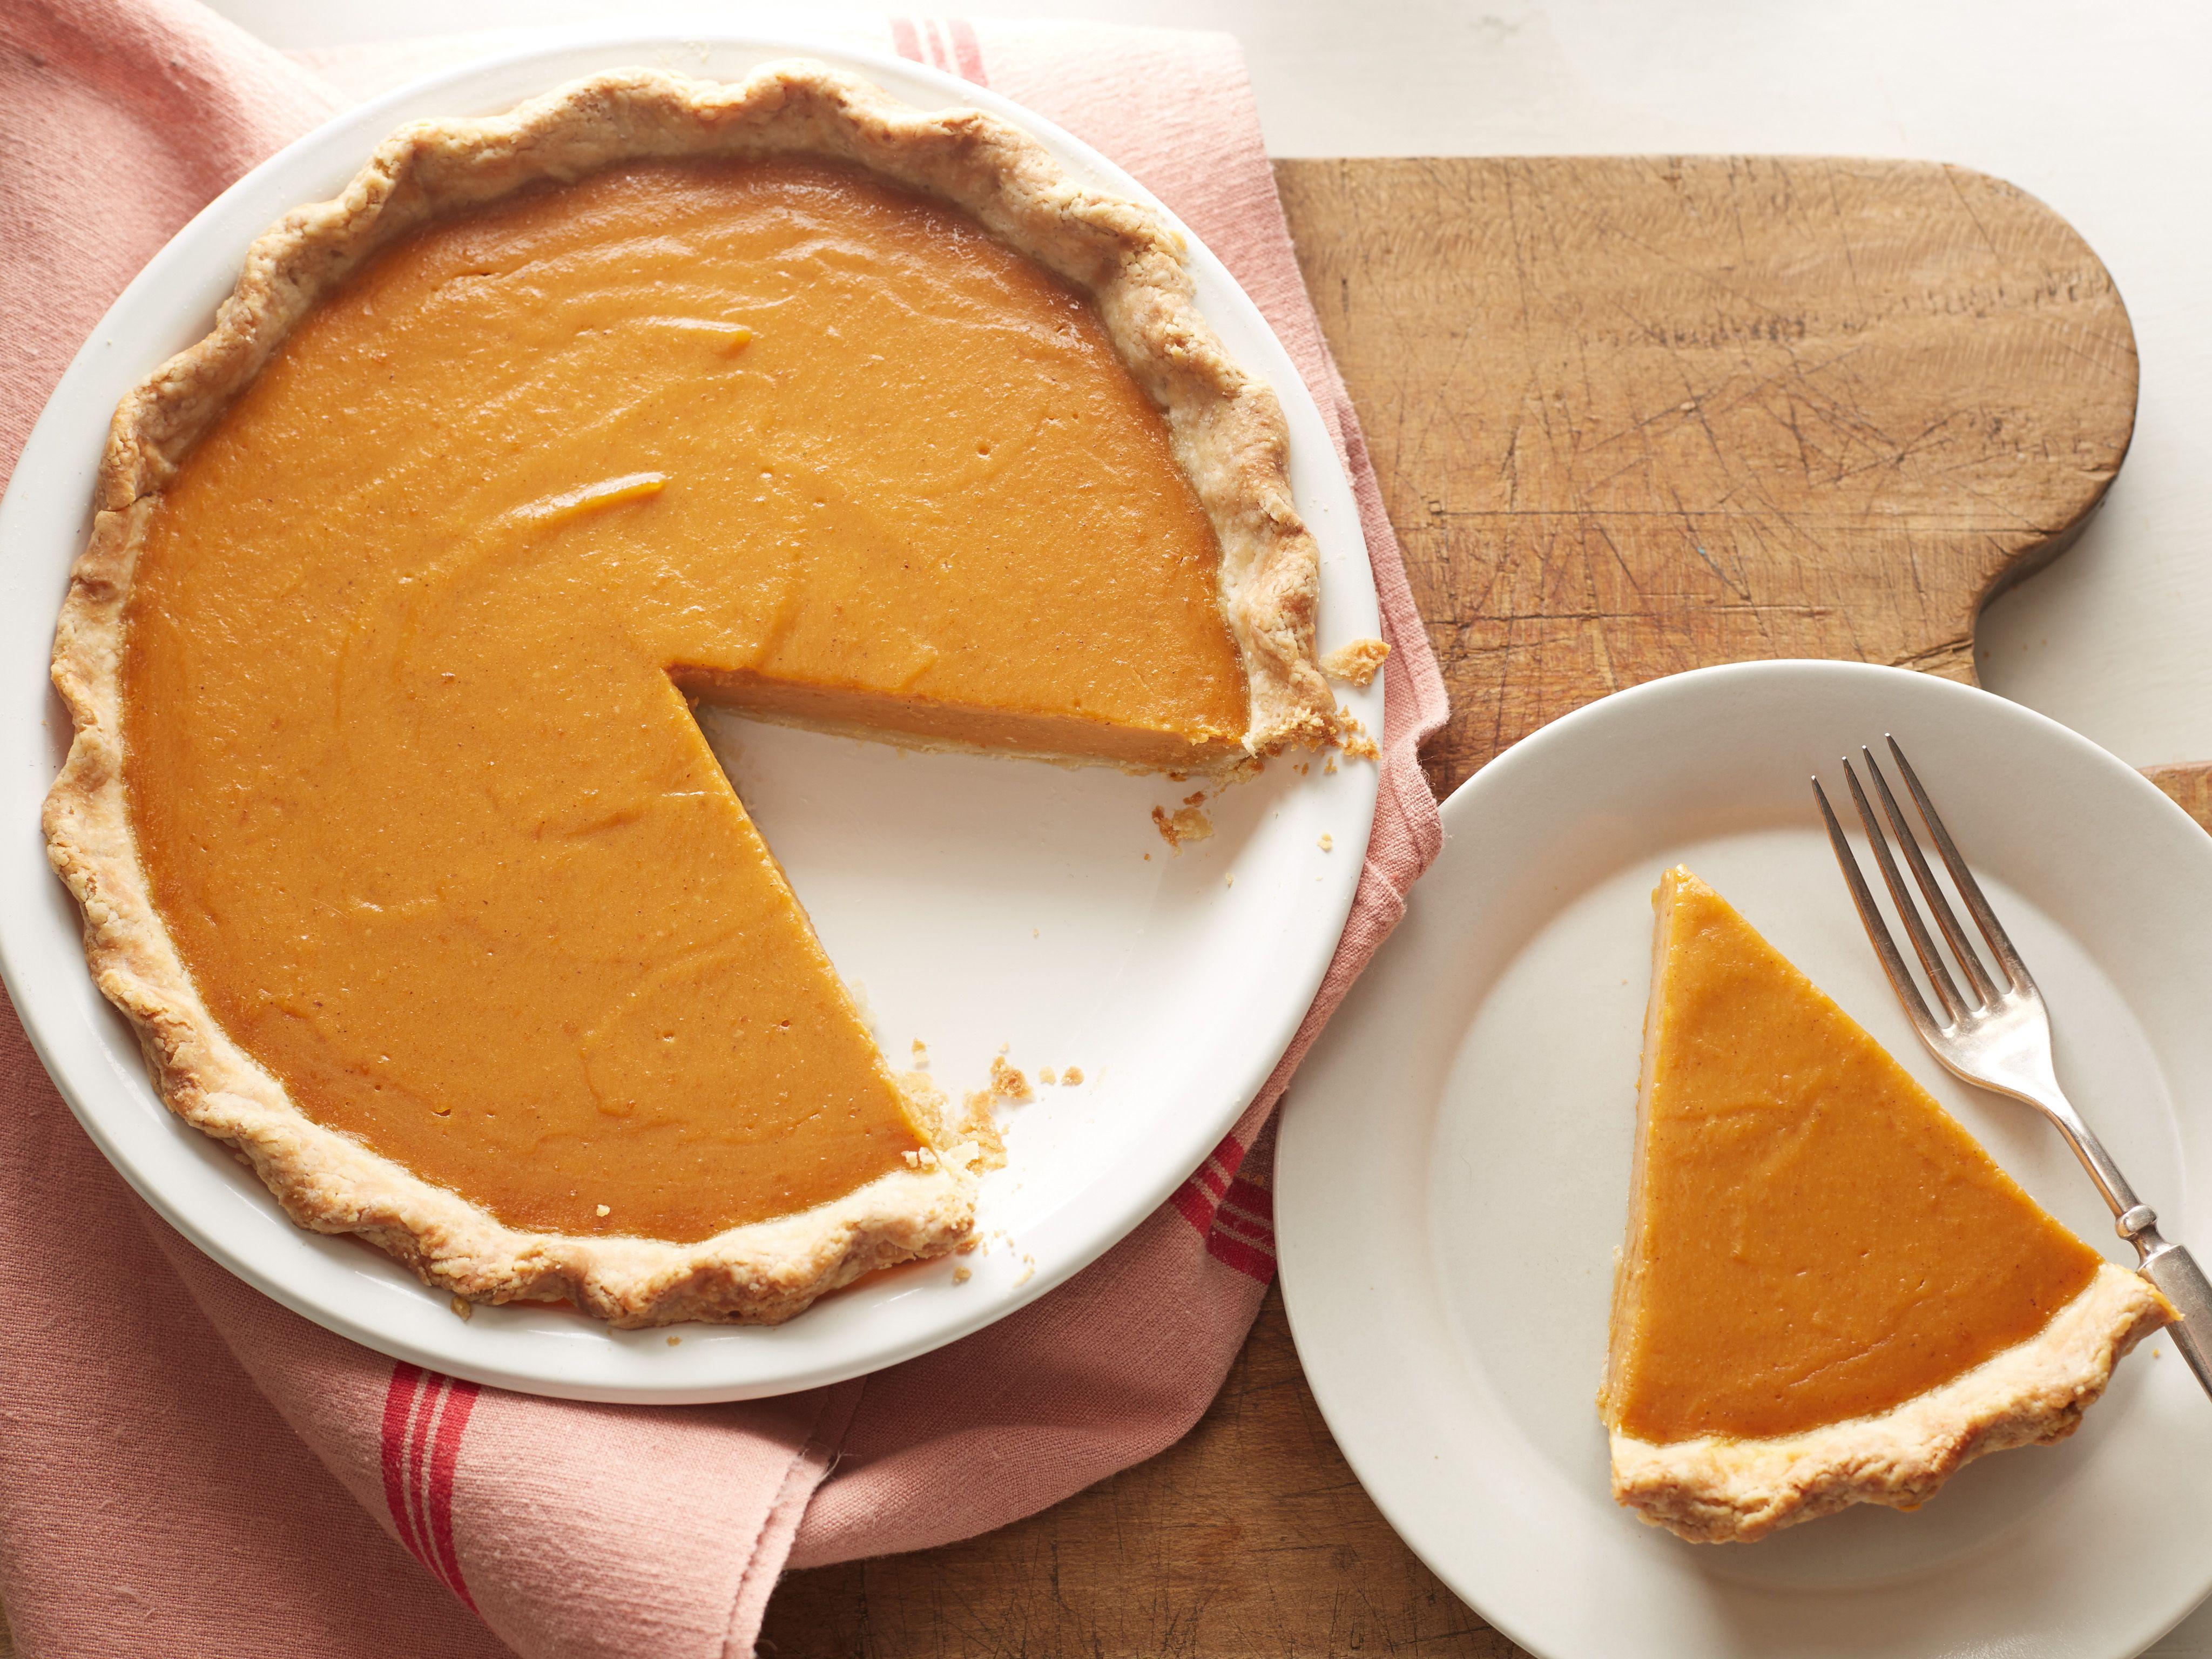 Vegan Pumpkin Pie Recipe Vegan Pumpkin Pie Recipe Food Network Recipes Vegan Pumpkin Pie